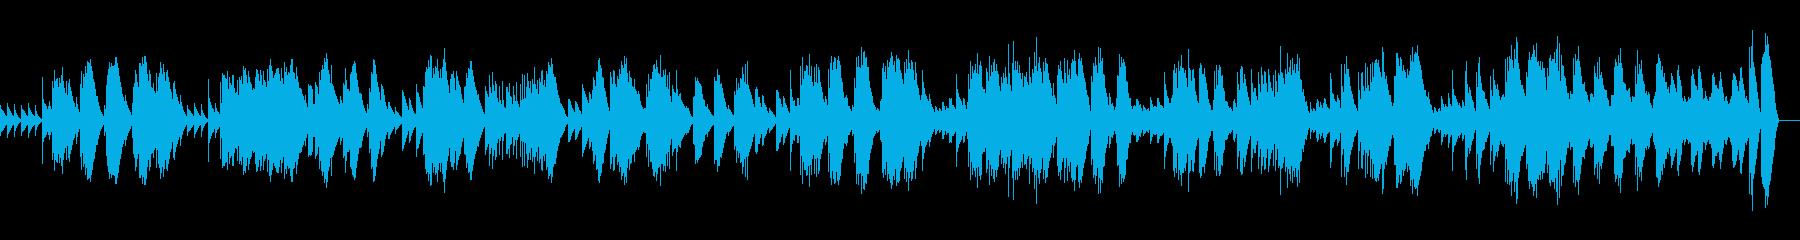 ラベル ボレロ (オルゴール)の再生済みの波形